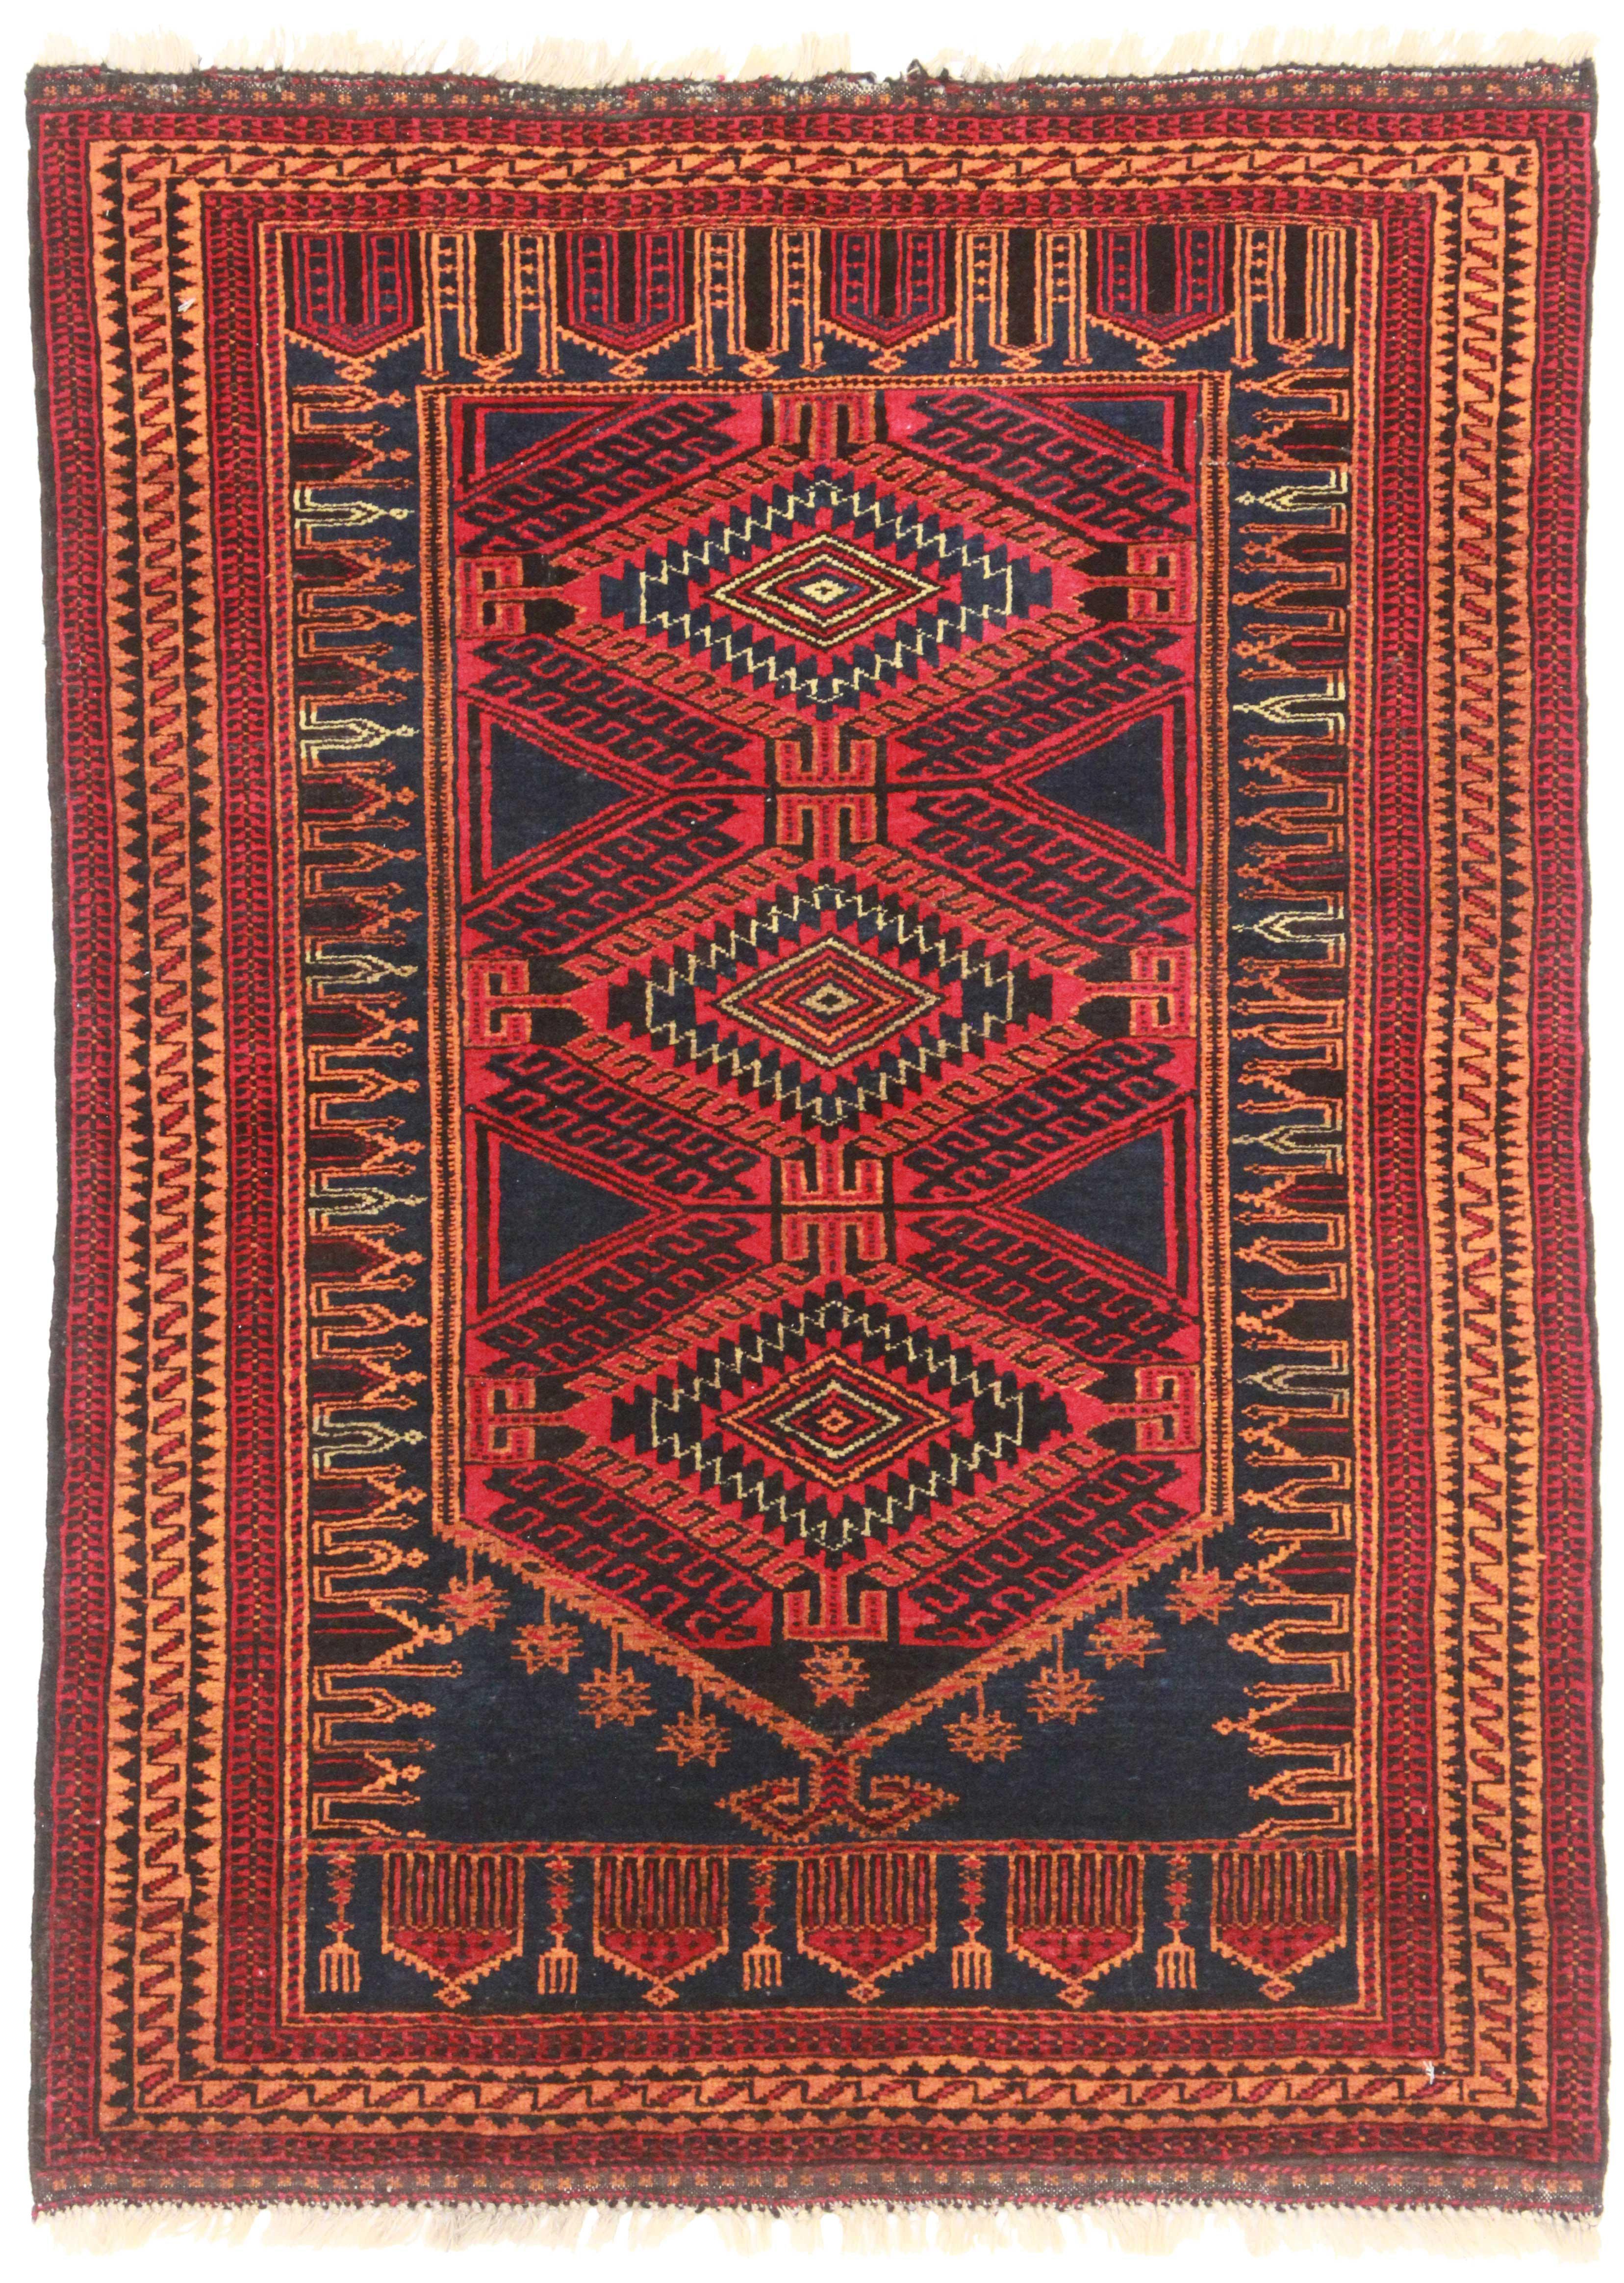 3 X 4 Vintage Afghan Wool Turkmen Rug 9321 Exclusive